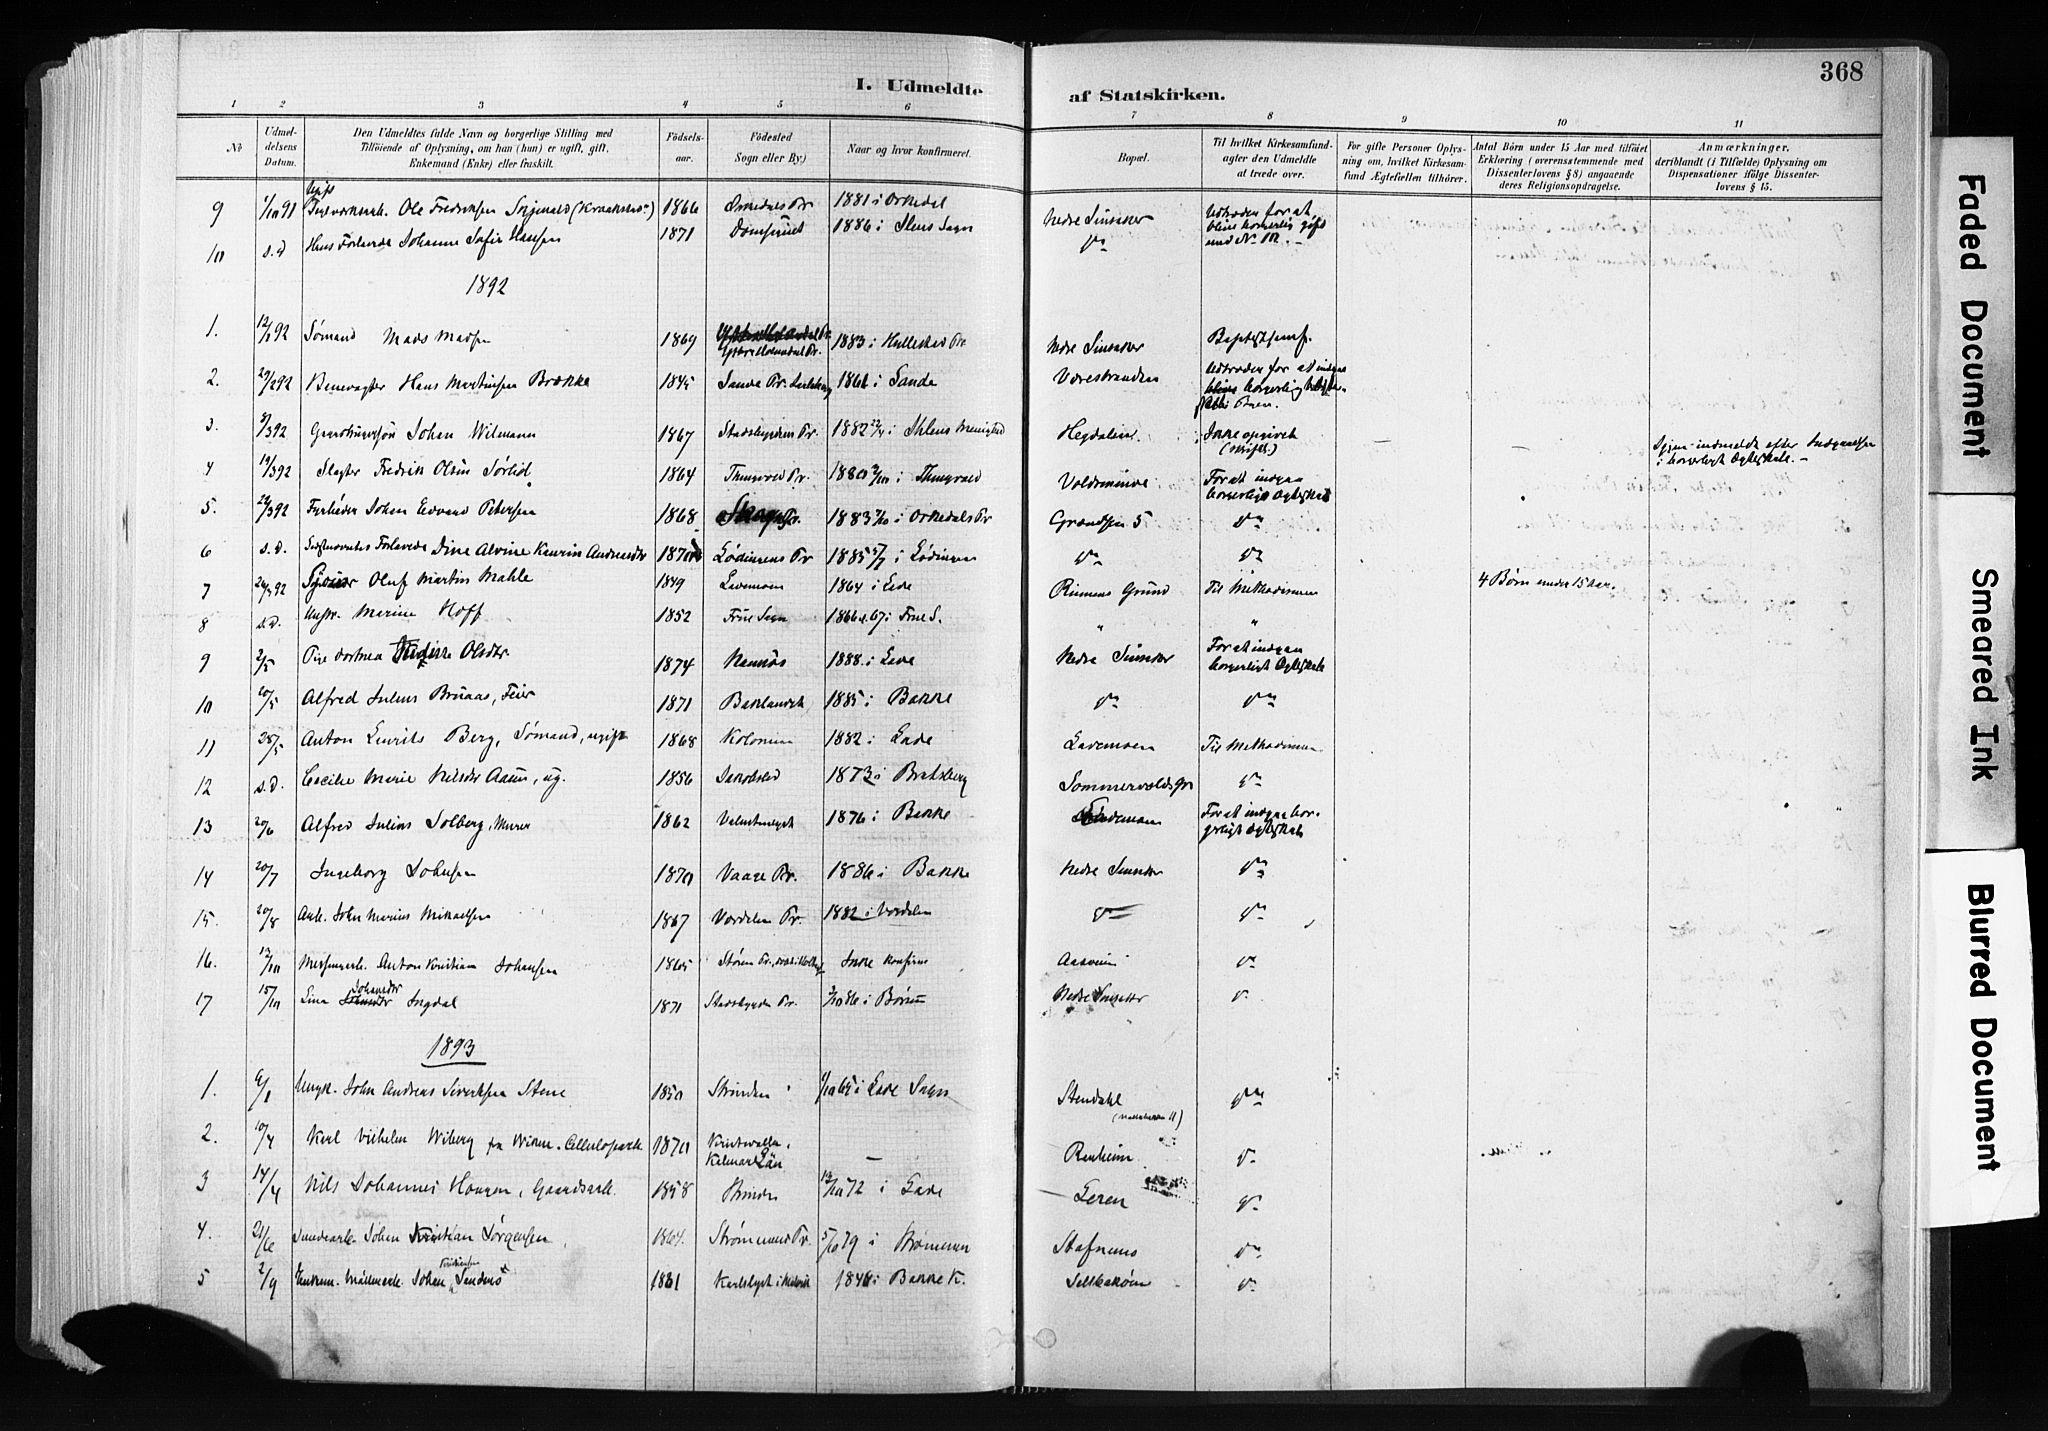 SAT, Ministerialprotokoller, klokkerbøker og fødselsregistre - Sør-Trøndelag, 606/L0300: Ministerialbok nr. 606A15, 1886-1893, s. 368